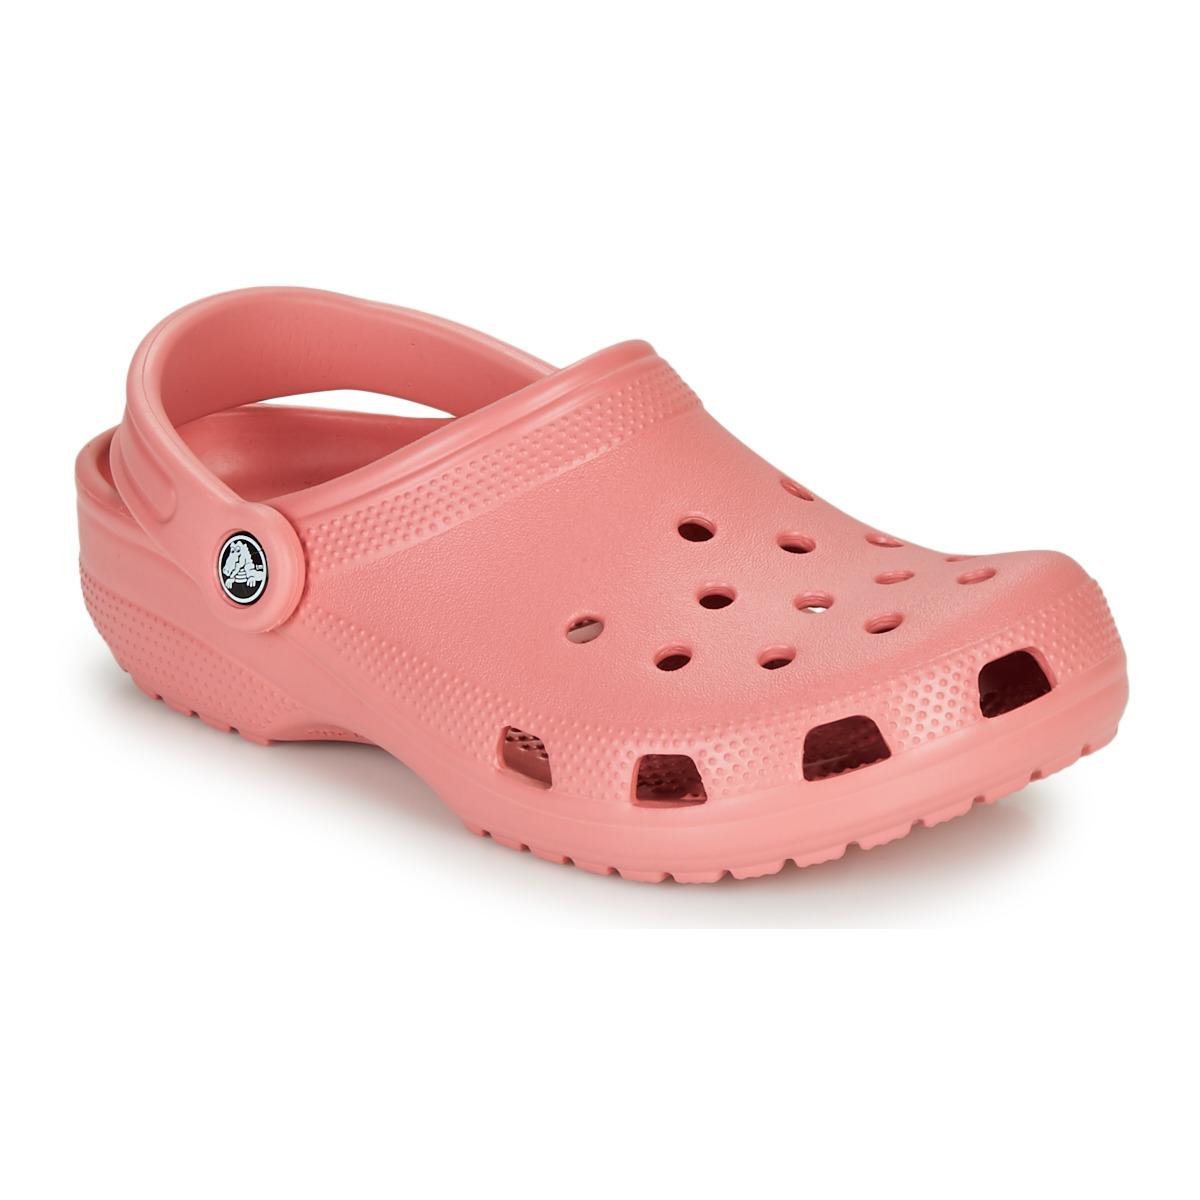 Crocs Classic Clog 10001-682 BLOSSOM Σομόν